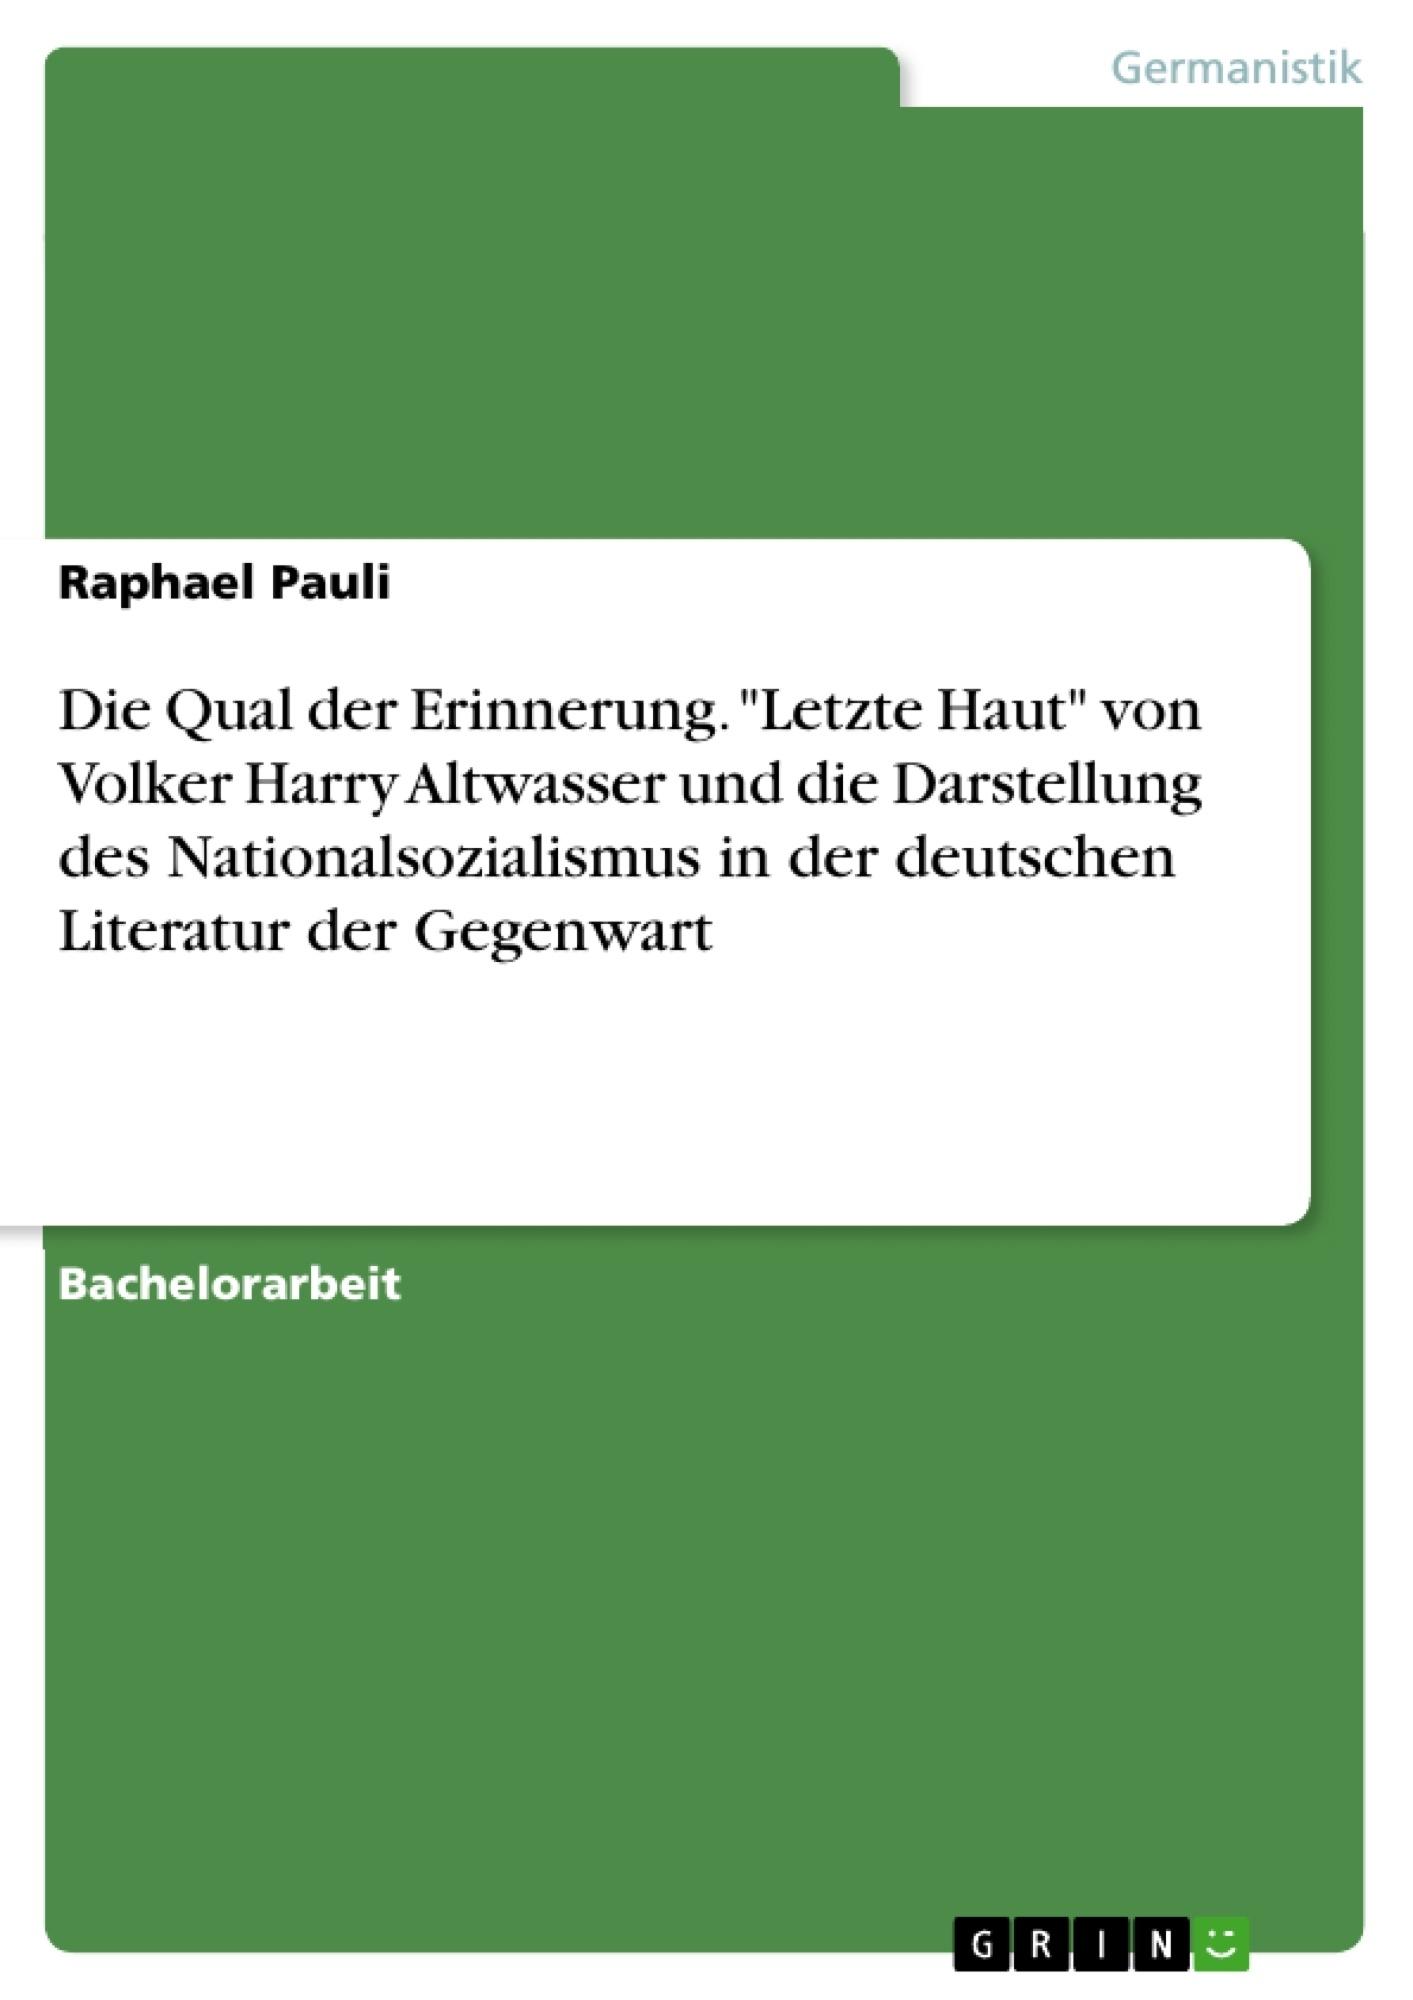 """Titel: Die Qual der Erinnerung. """"Letzte Haut"""" von Volker Harry Altwasser und die Darstellung des Nationalsozialismus in der deutschen Literatur der Gegenwart"""